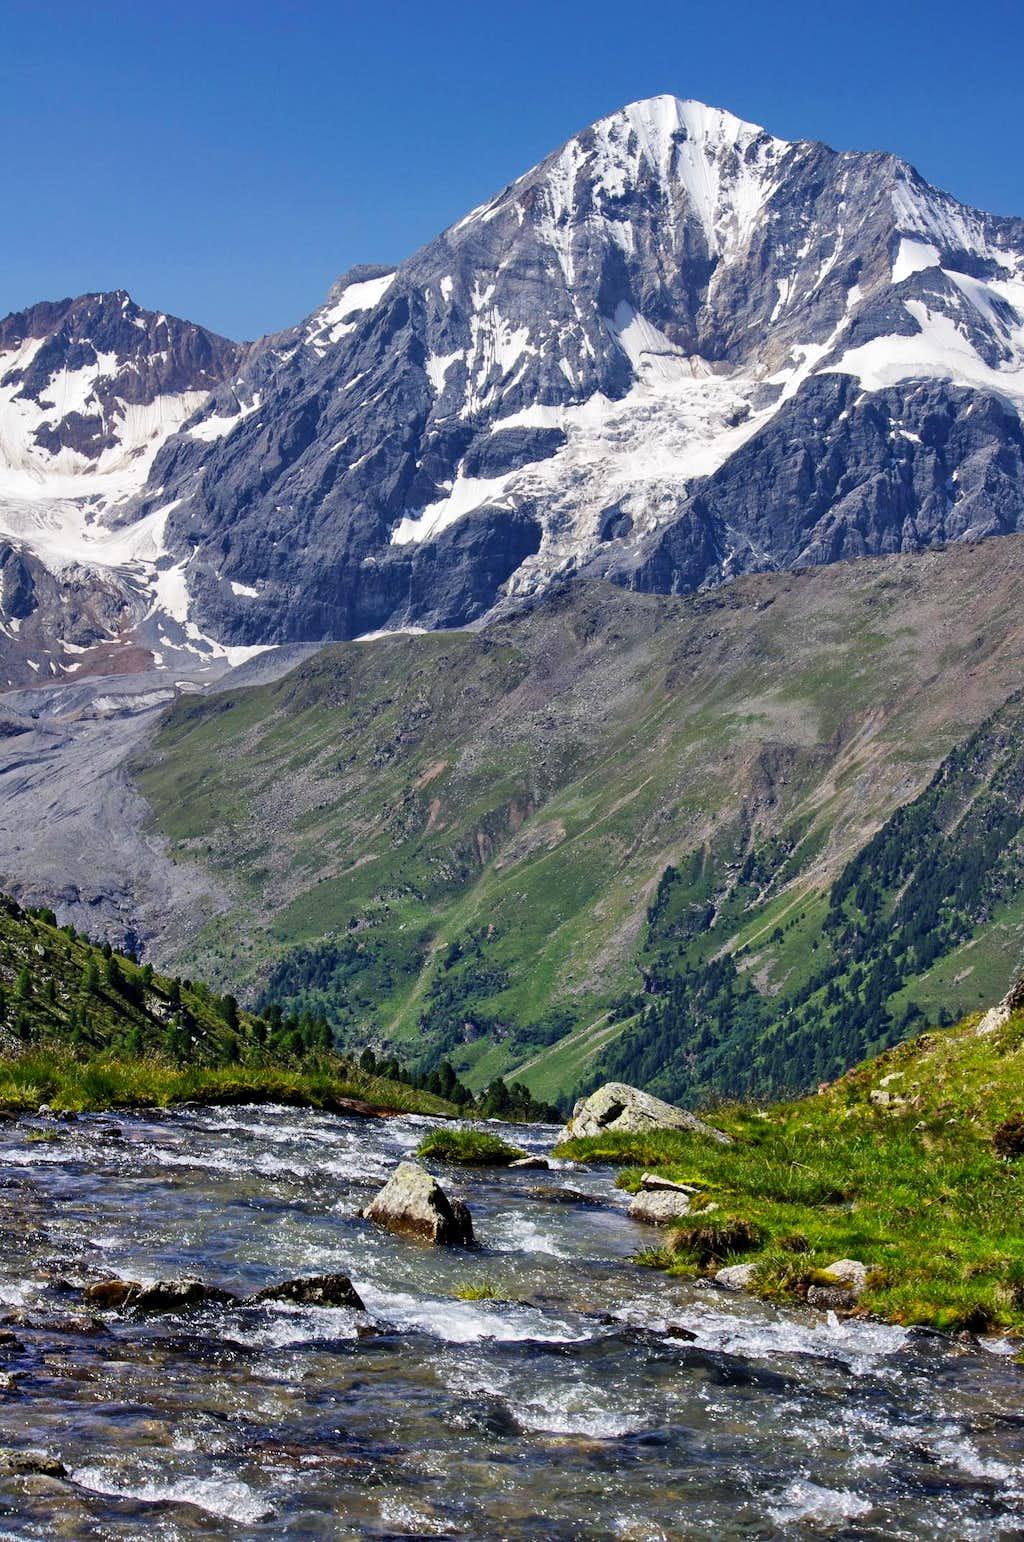 Gran Zebrù (Koenig Spitze) seen from Zai valley